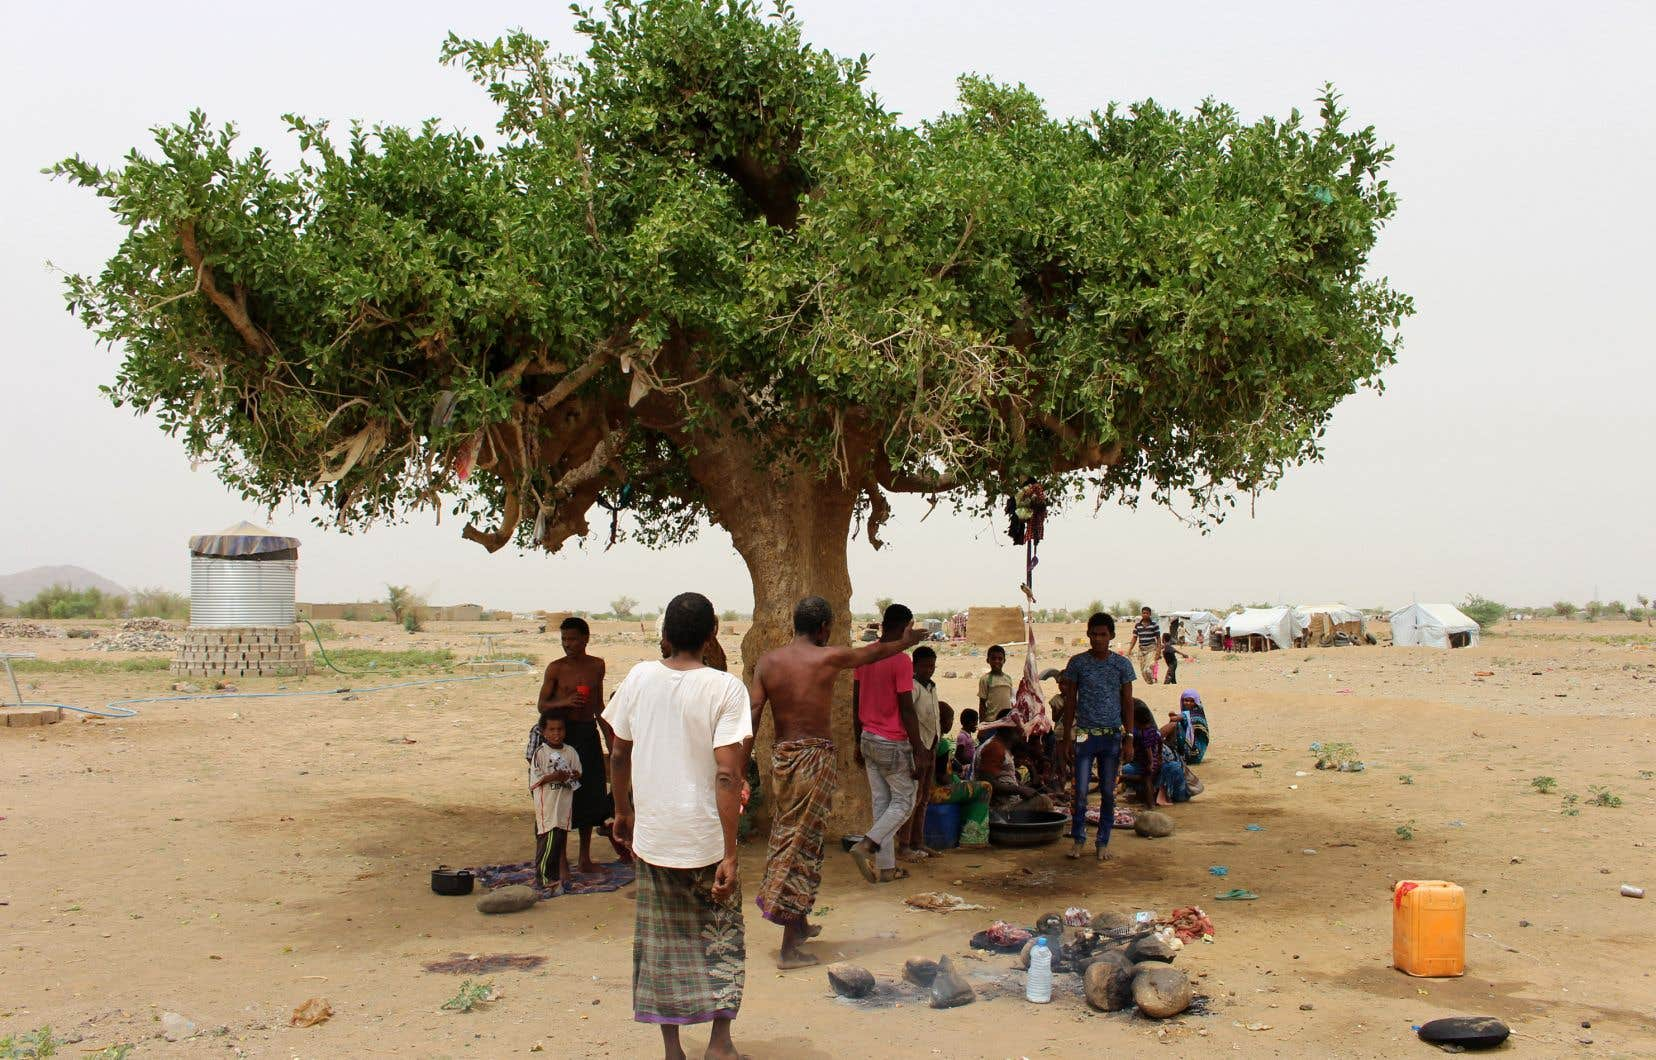 Le conflit au Yémen a déjà fait près de 10000 morts et provoqué «la pire crise humanitaire au monde», selon l'ONU.